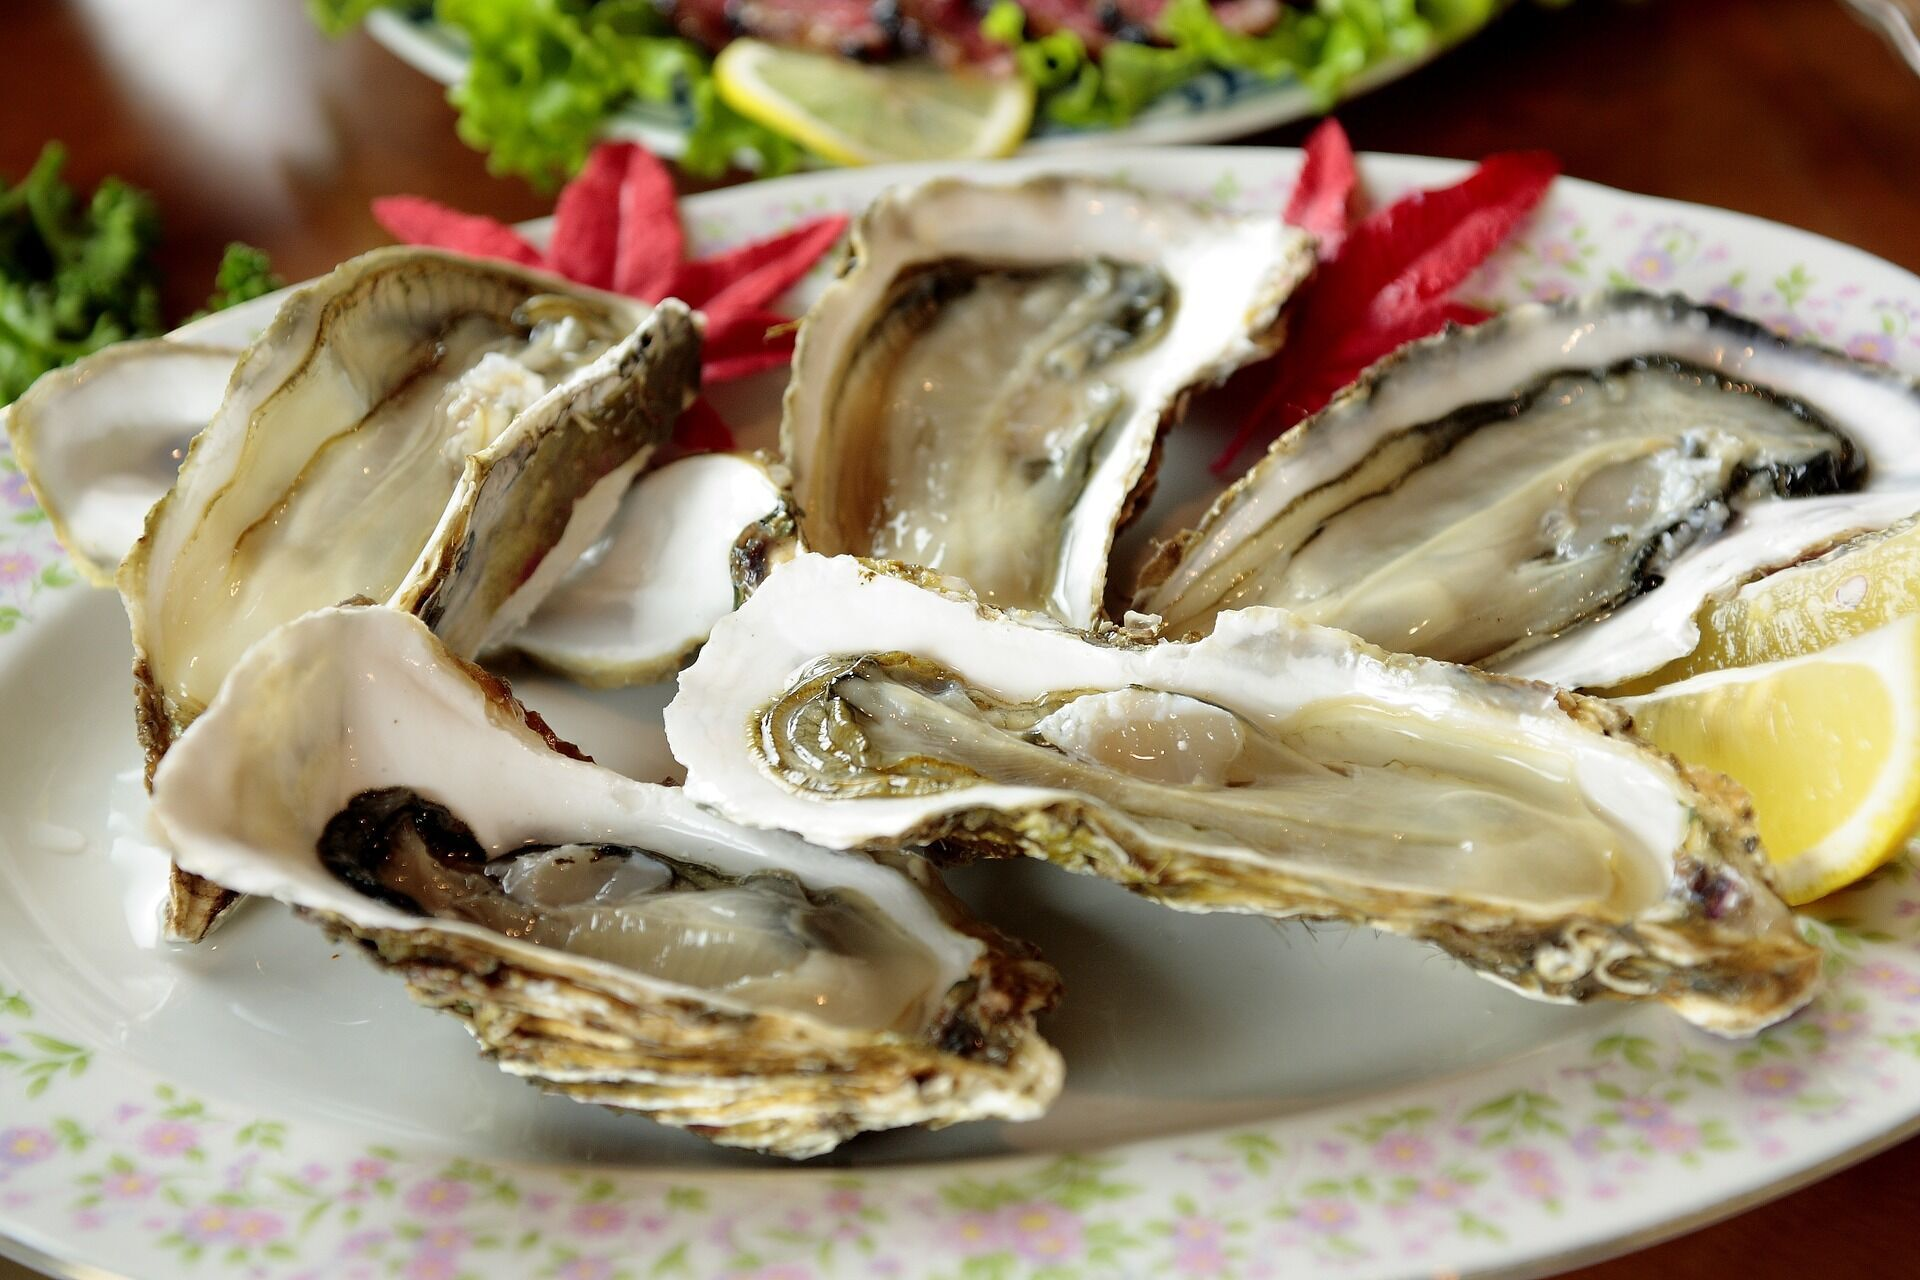 В 100 граммах моллюсков содержится 0,03 г железа